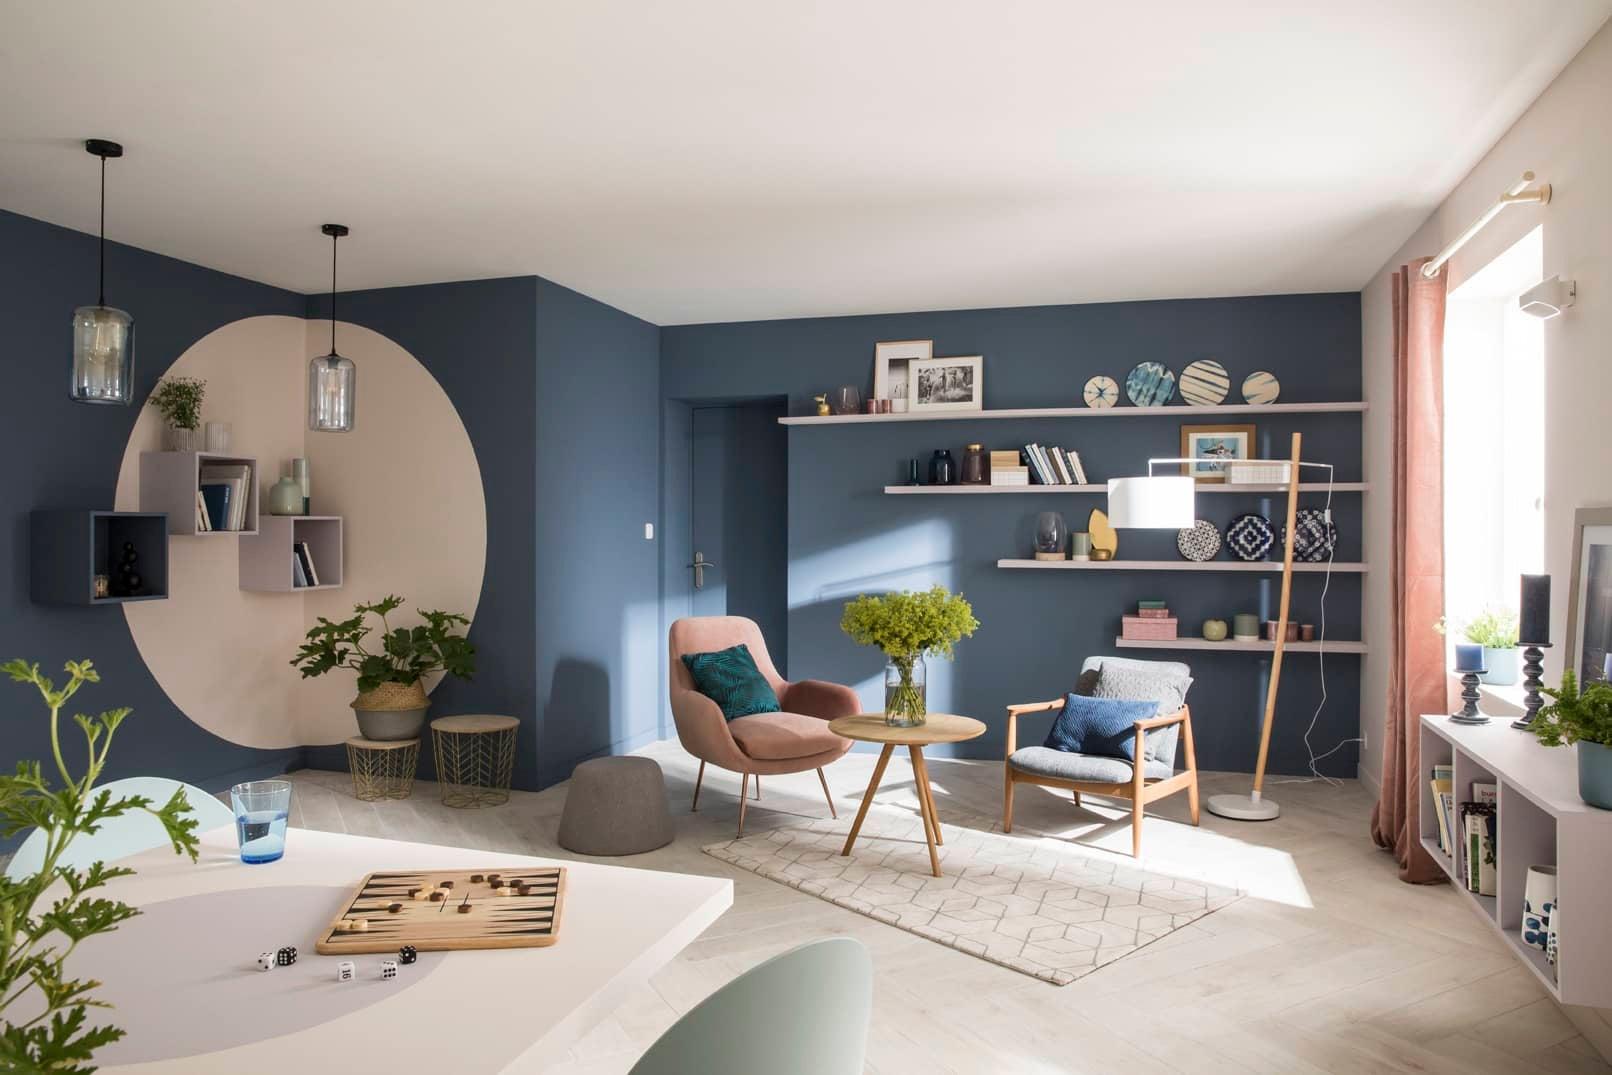 Quel est le coût au m2 d'une rénovation d'appartement ?